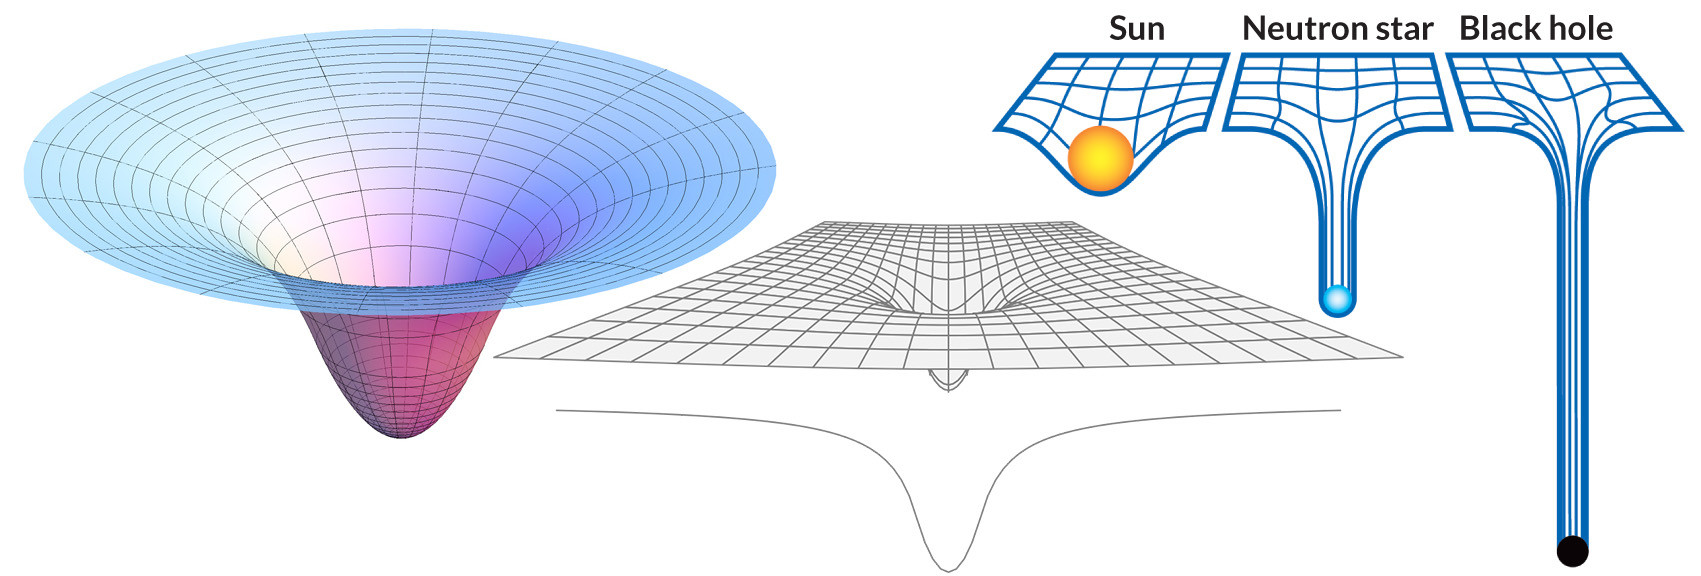 deformacion del espacio-tiempo